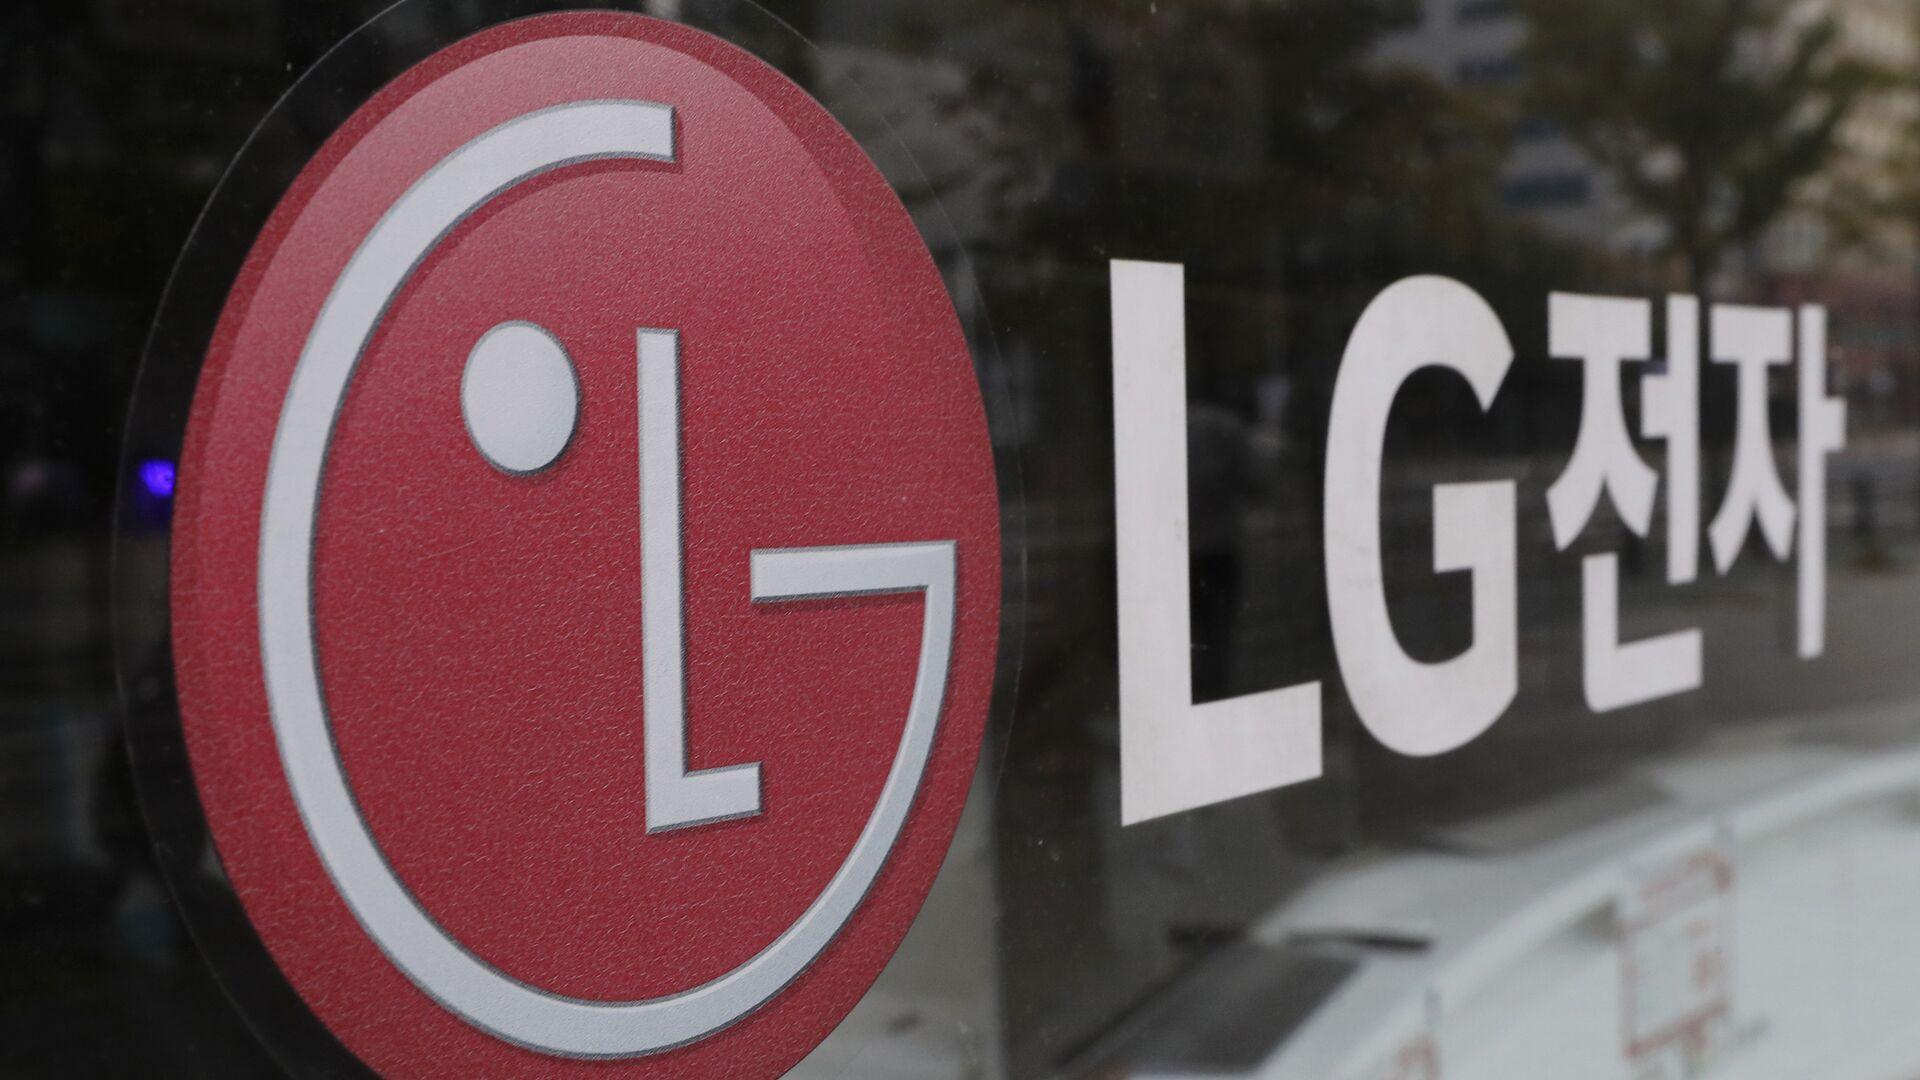 Логотип компании LG Electronics в Сеуле, Южная Корея - РИА Новости, 1920, 05.04.2021